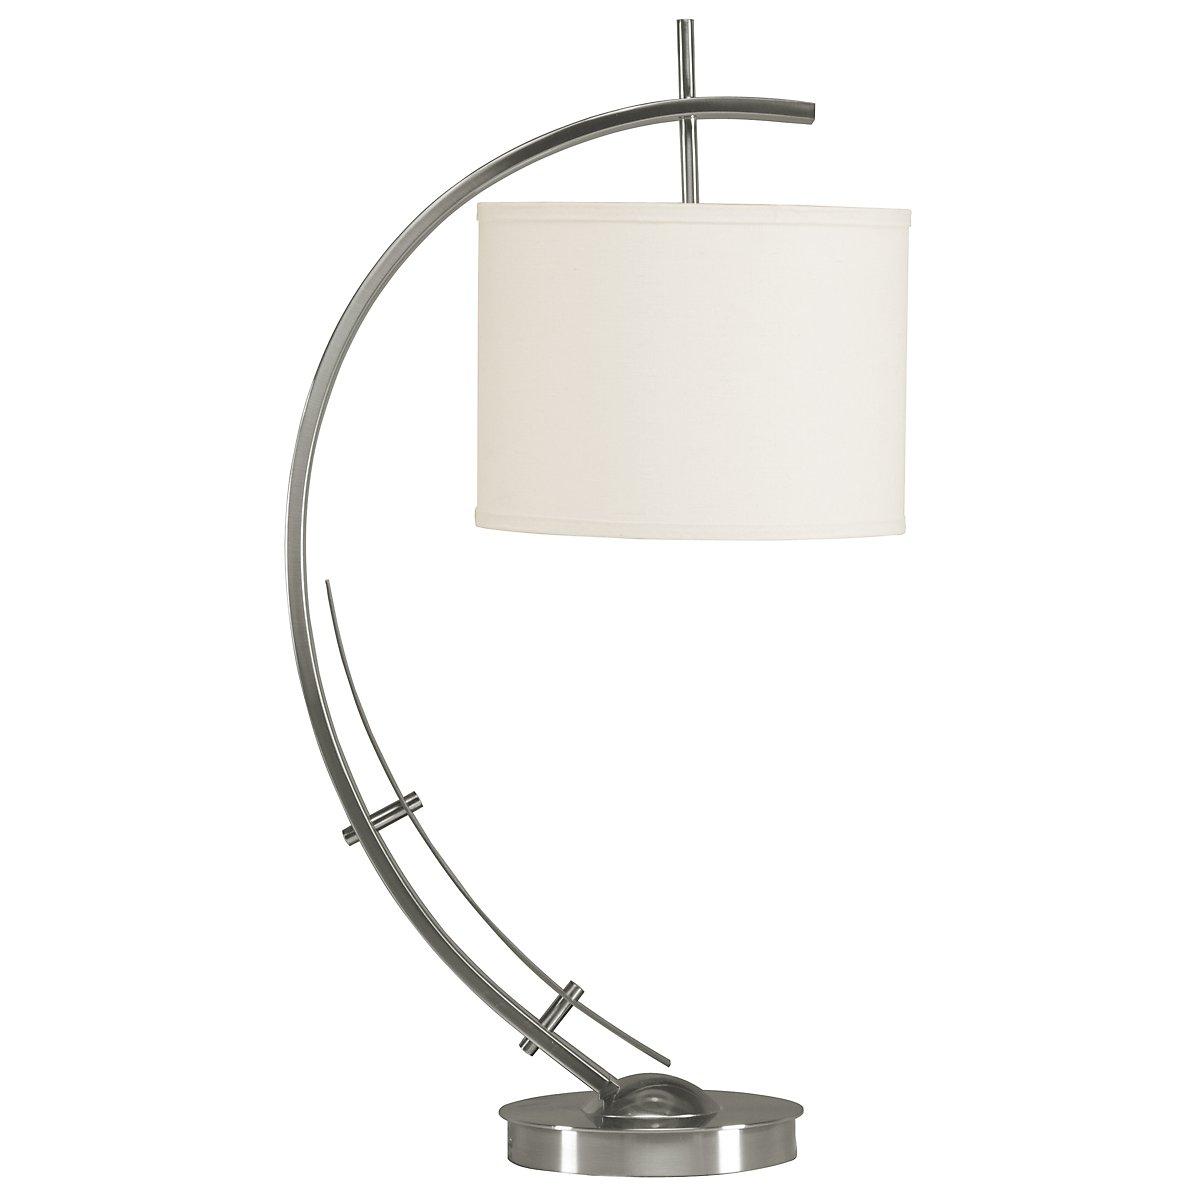 Vertigo Silver Table Lamp